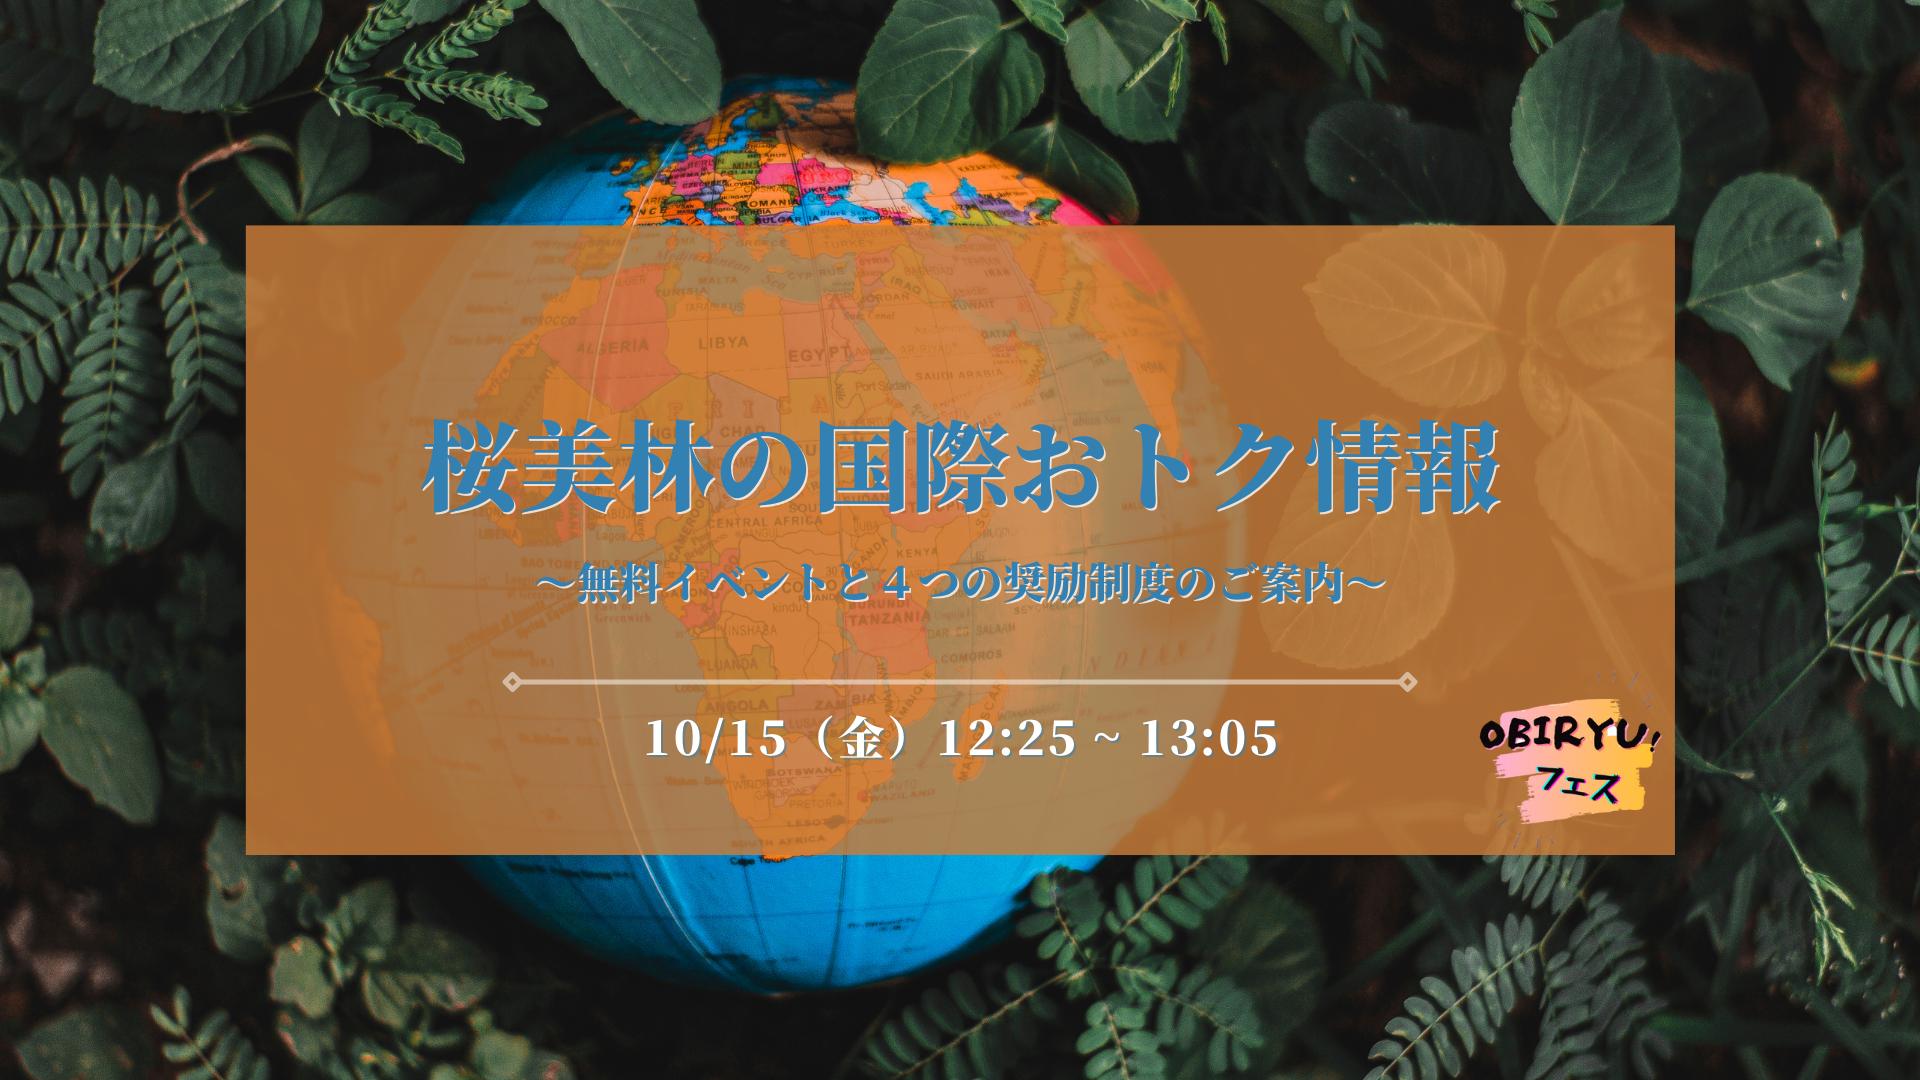 【説明会】桜美林の国際おトク情報 〜無料イベントと4つの奨励制度のご案内〜